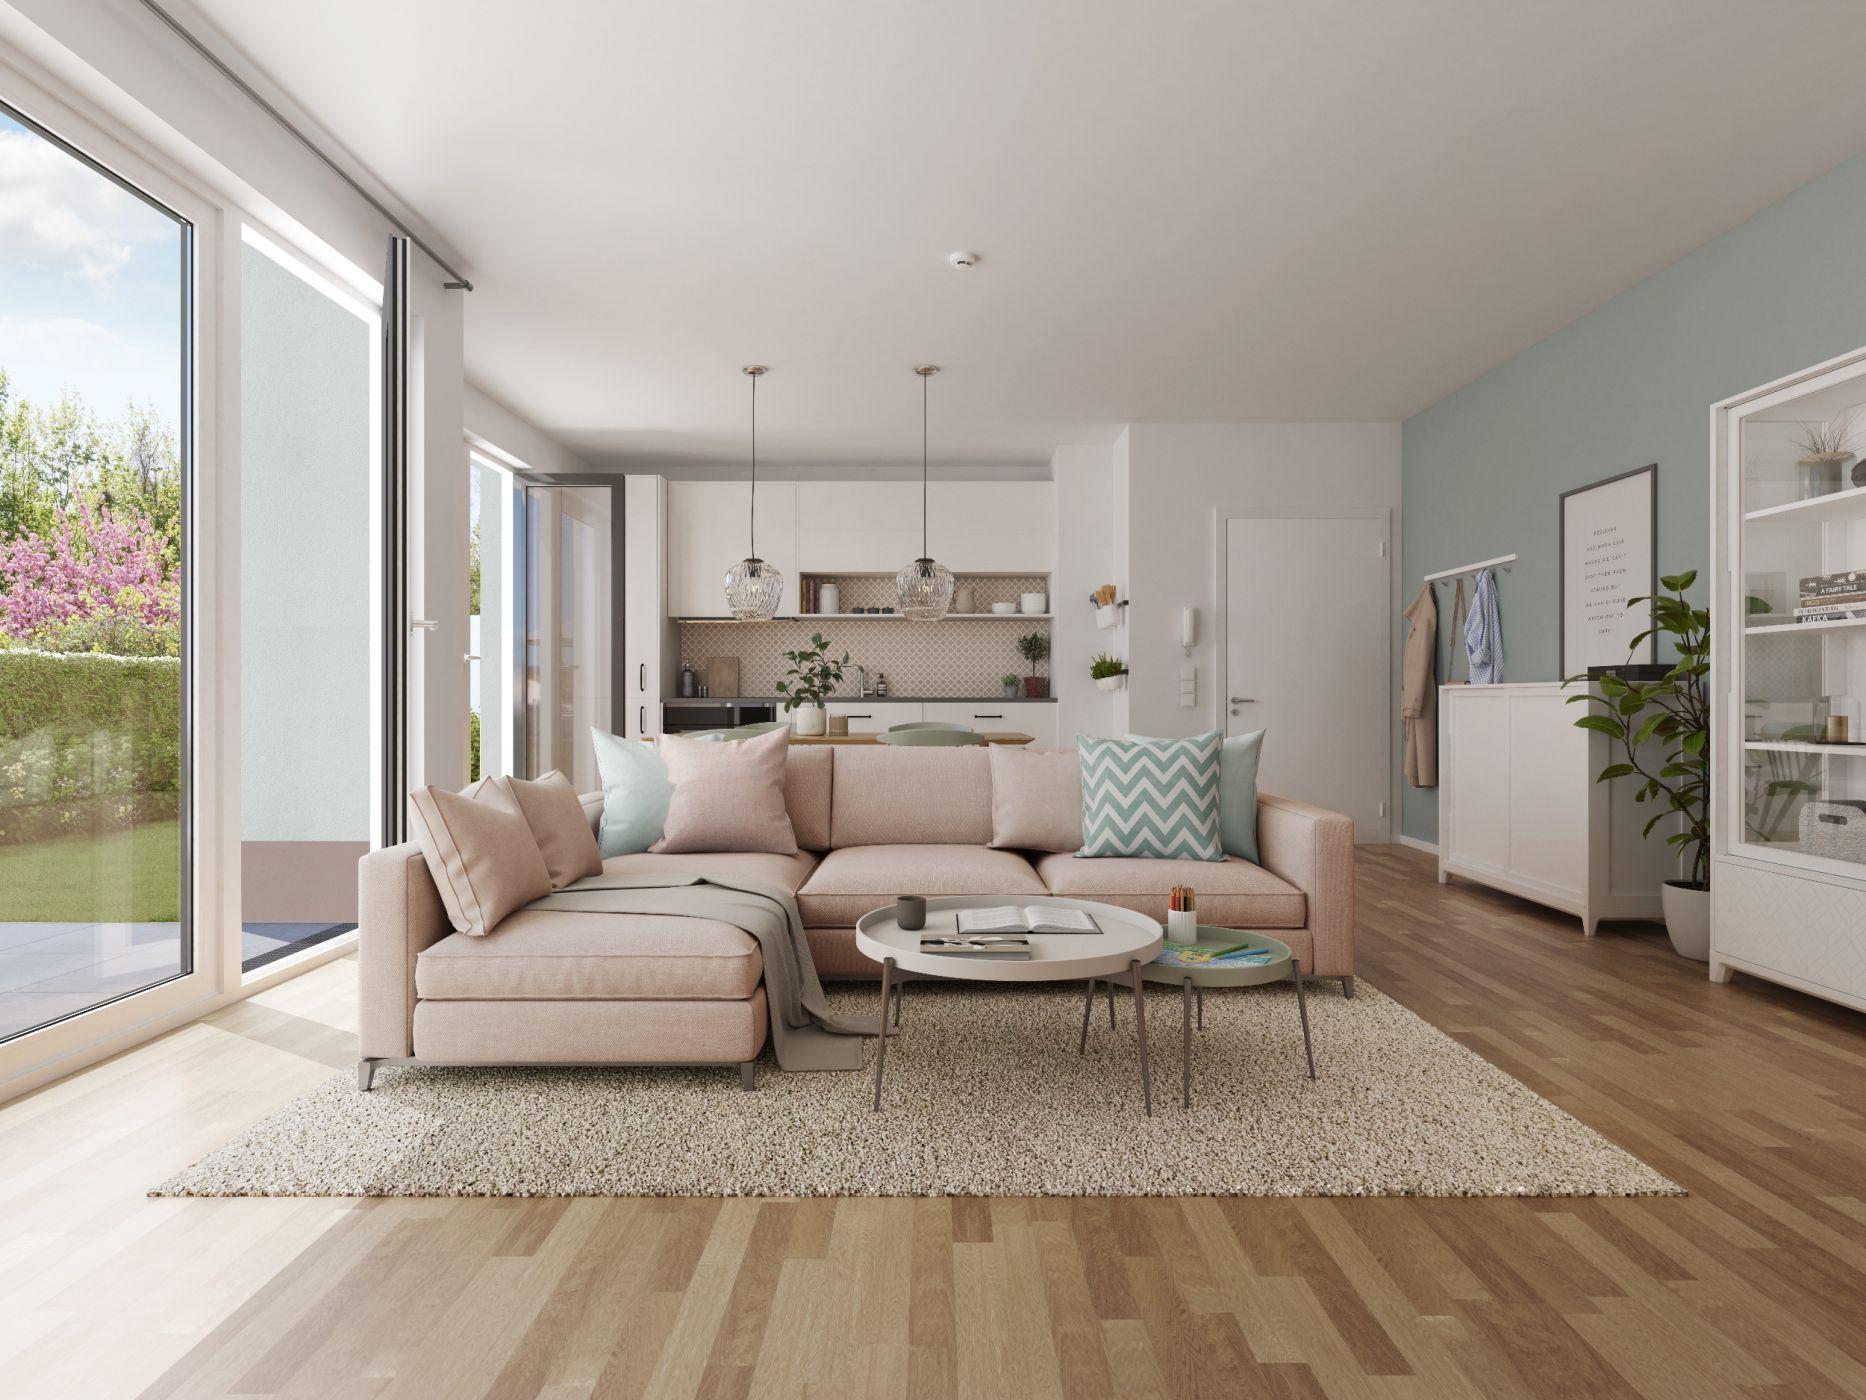 Wohntraum, Wohnzimmer, Wohn-Esszimmer, Offene Küche, Wohntrend